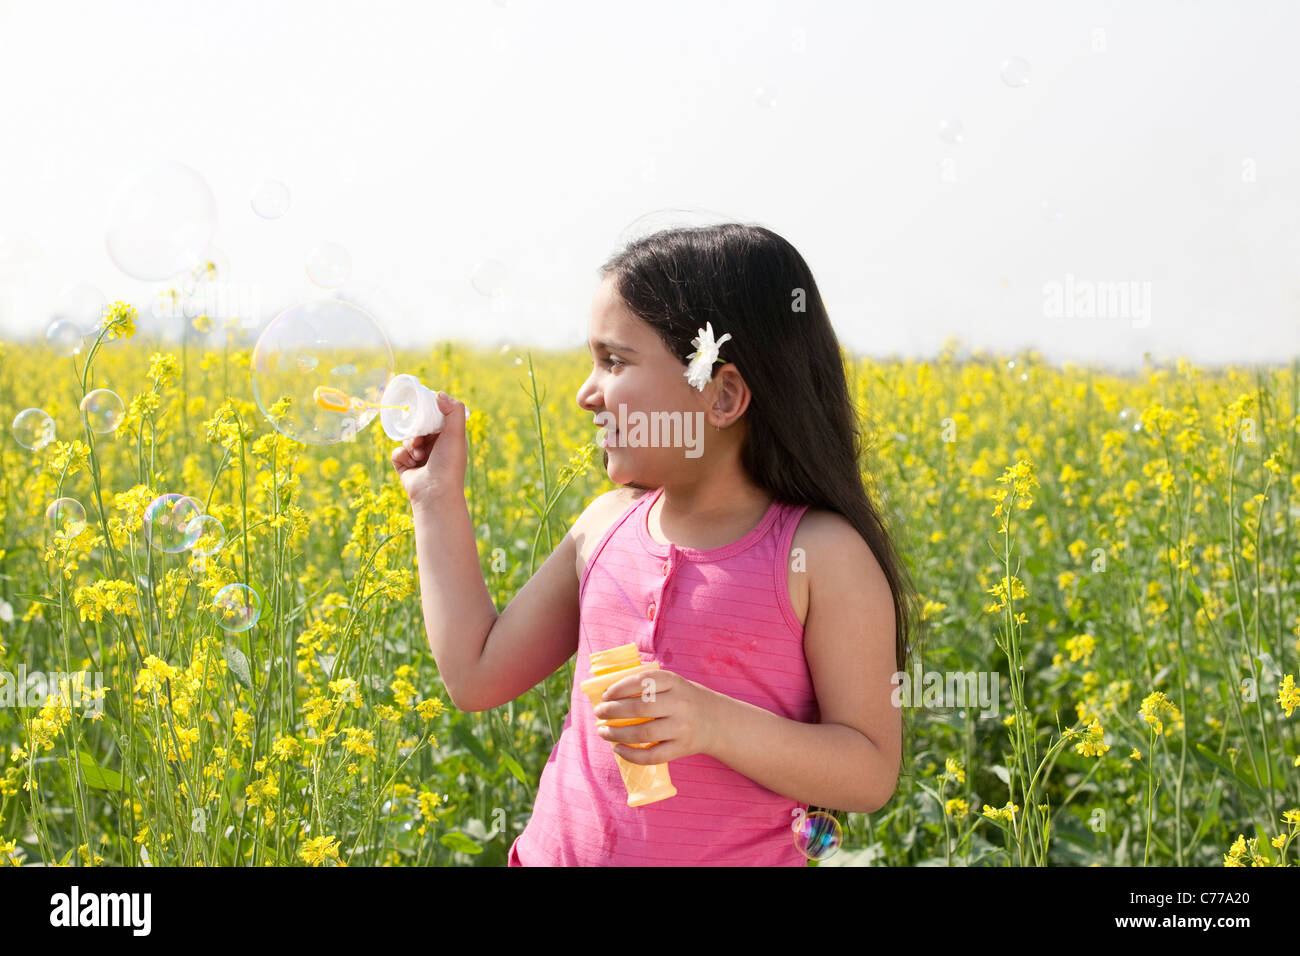 Ragazza giovane rendendo le bolle in un campo Immagini Stock